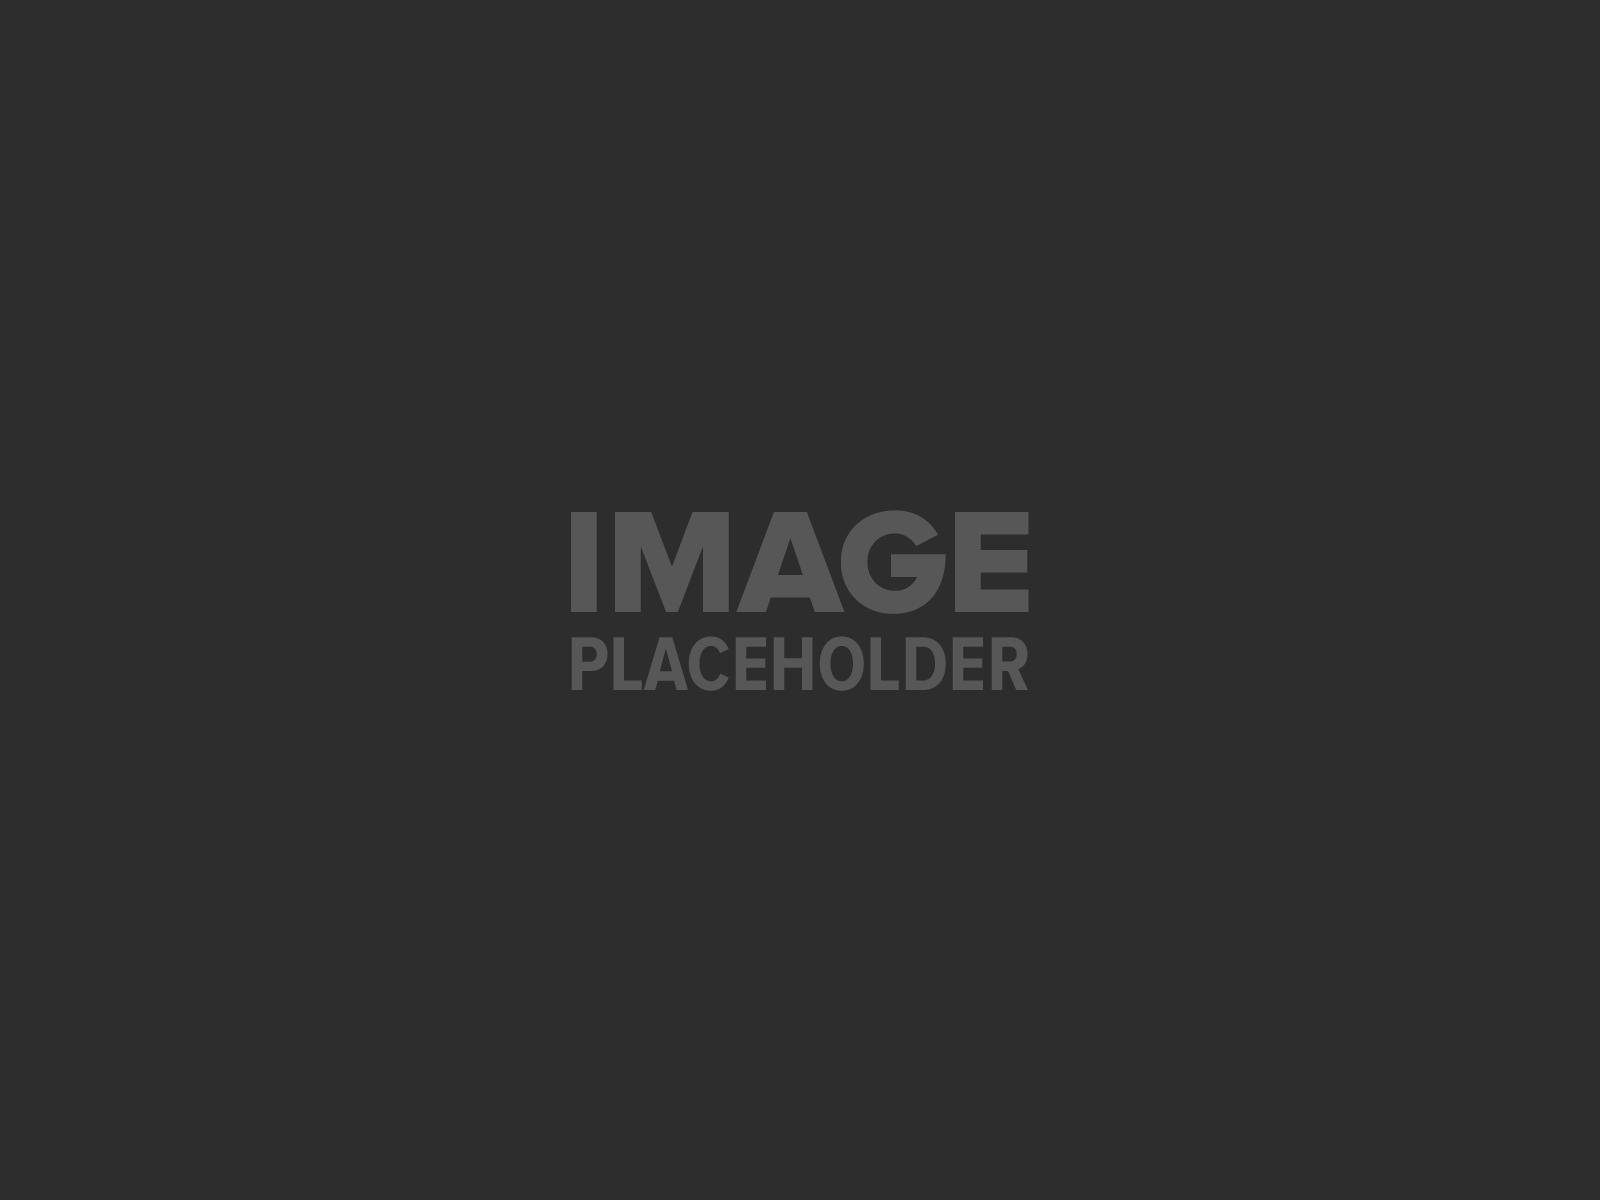 pojo placeholder 4 - Food